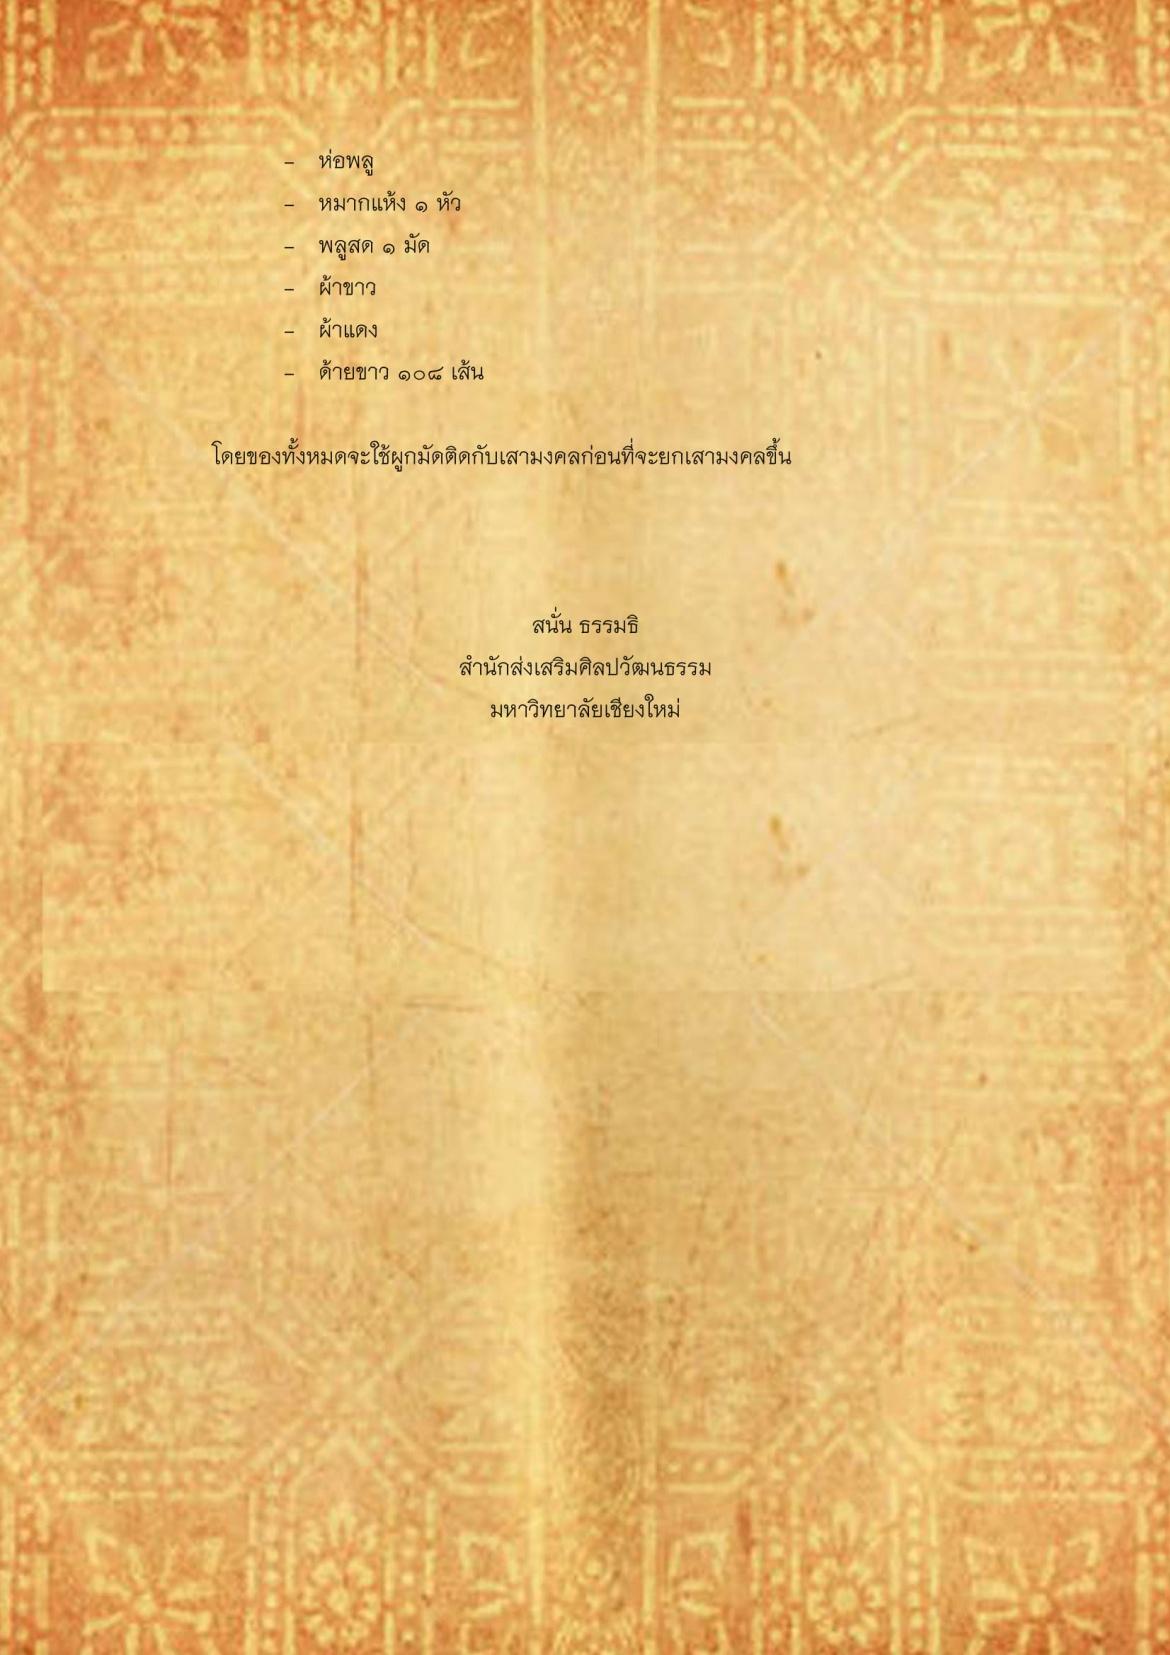 พิธีกรรมเเละความเชื่อการปลูกเรือนล้านนา(26) - 8 กรกฎาคม 2562